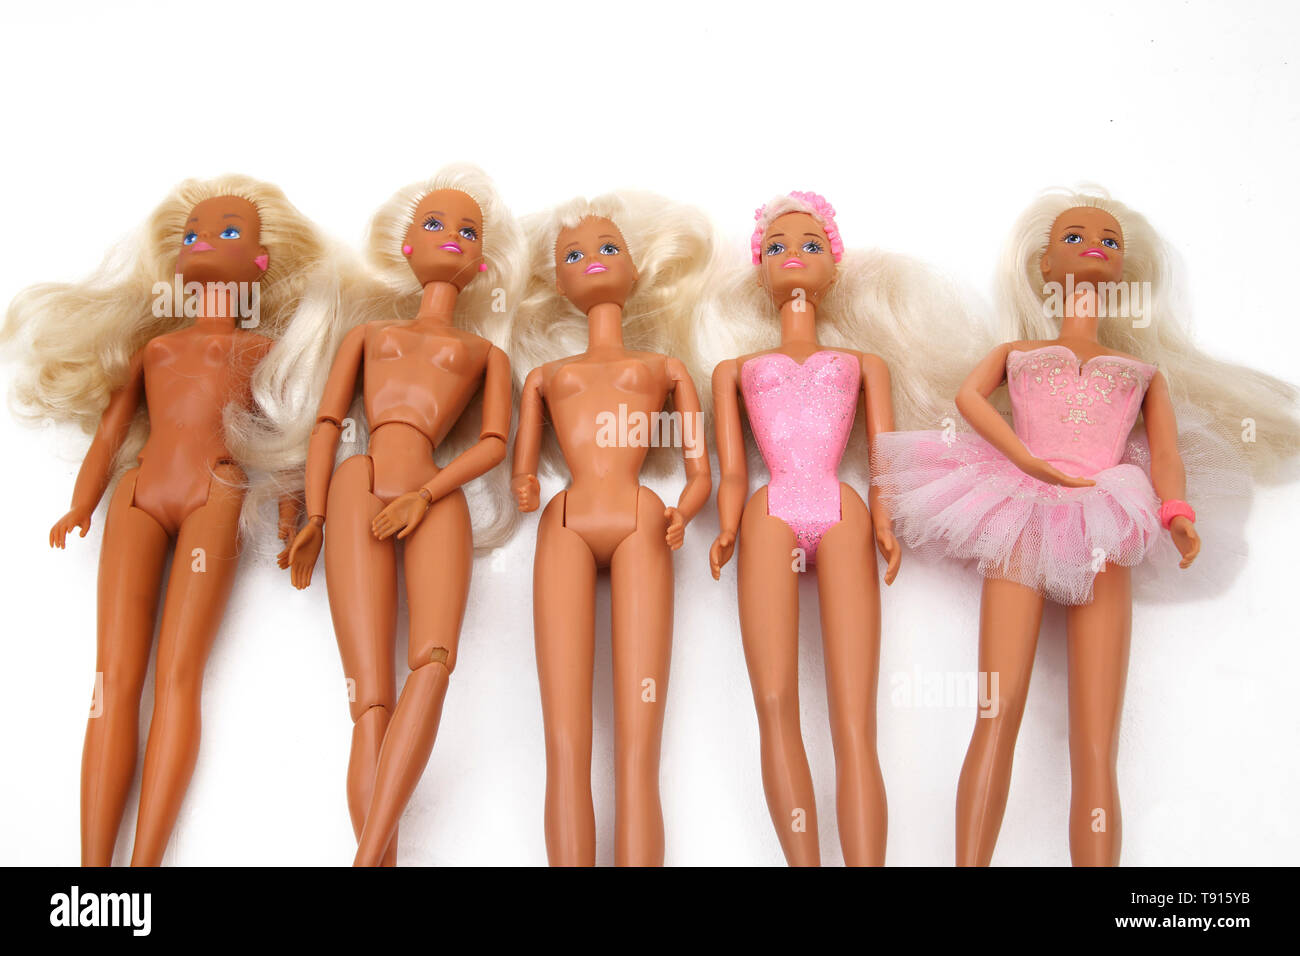 Vintage sindy Puppen Was ist die Erklärung, warum Carbon-Dating funktioniert